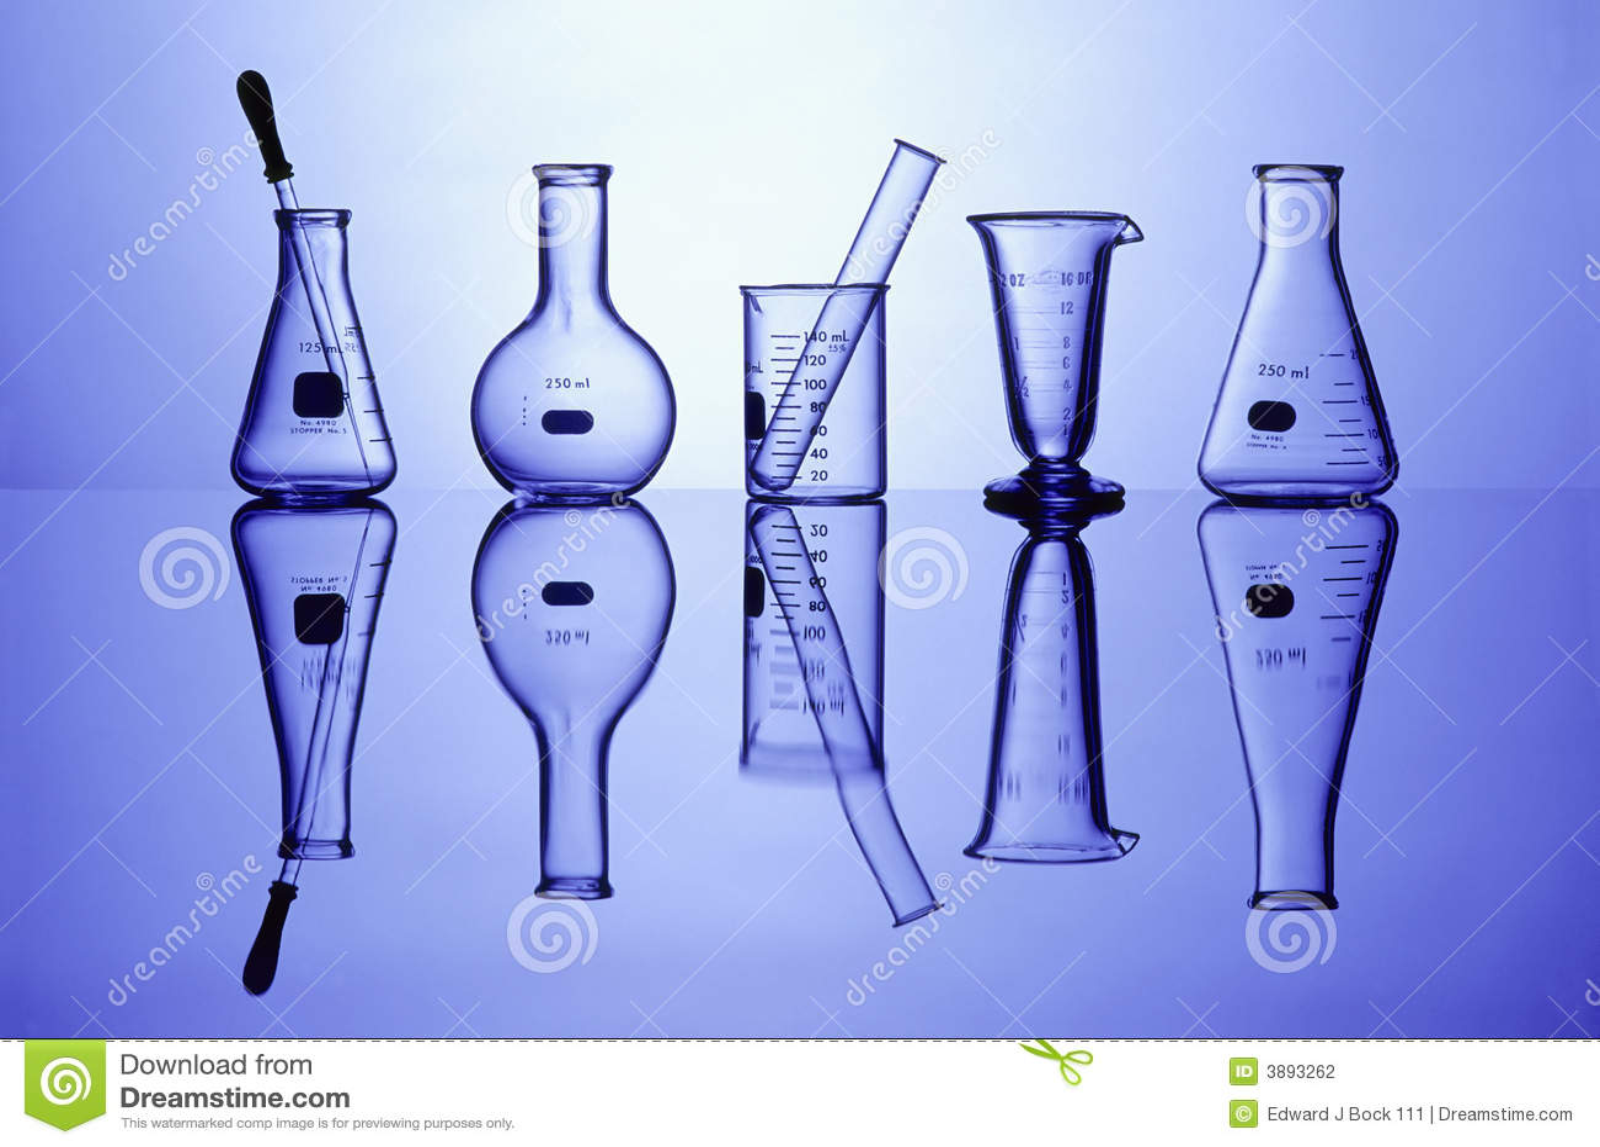 Vetreria per laboratorio sull azzurro